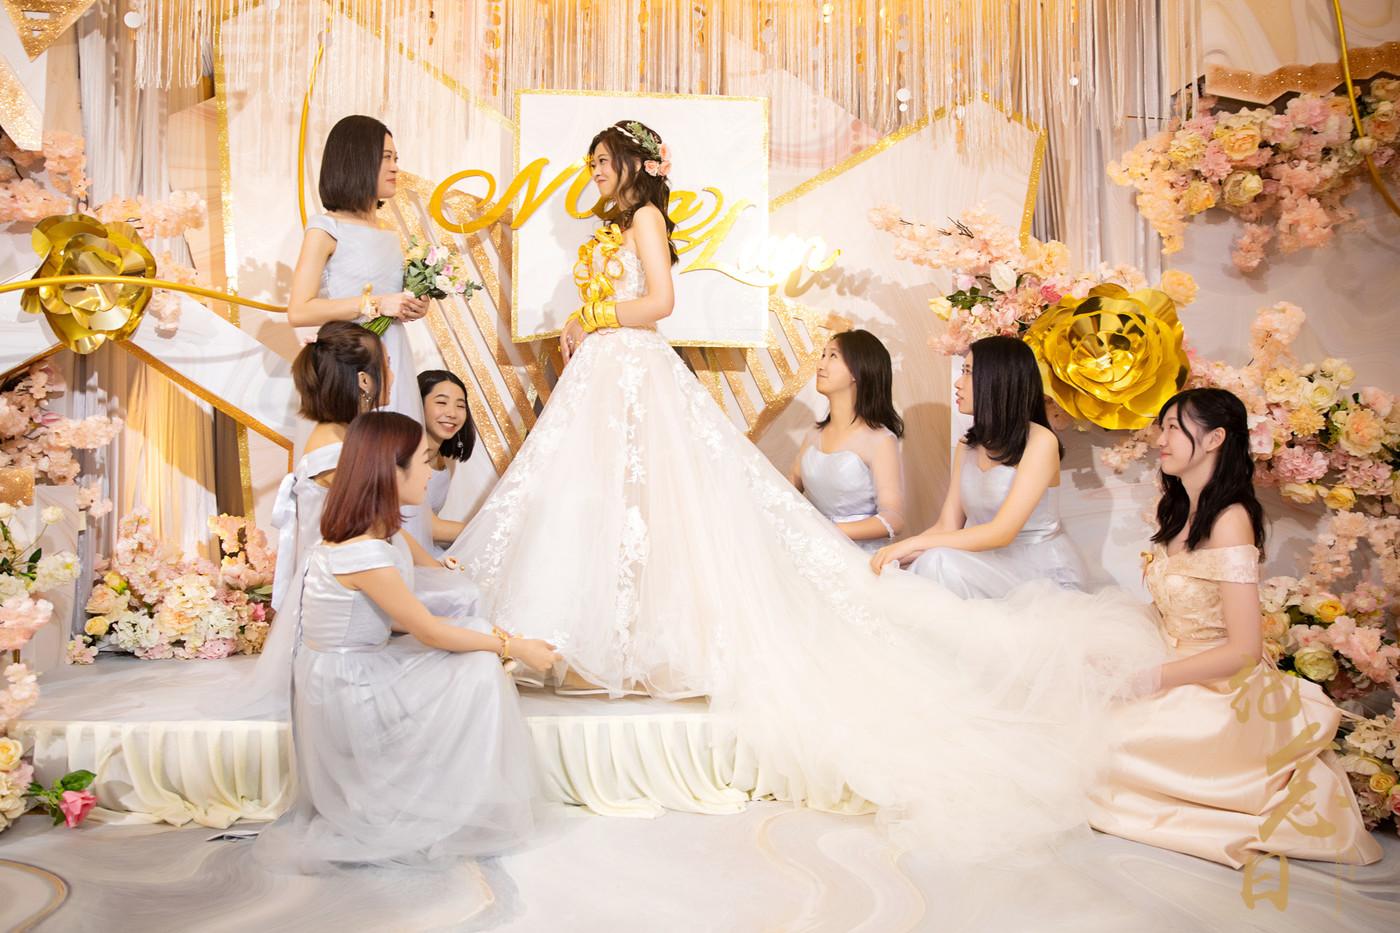 婚礼 | 志明&琳琳62